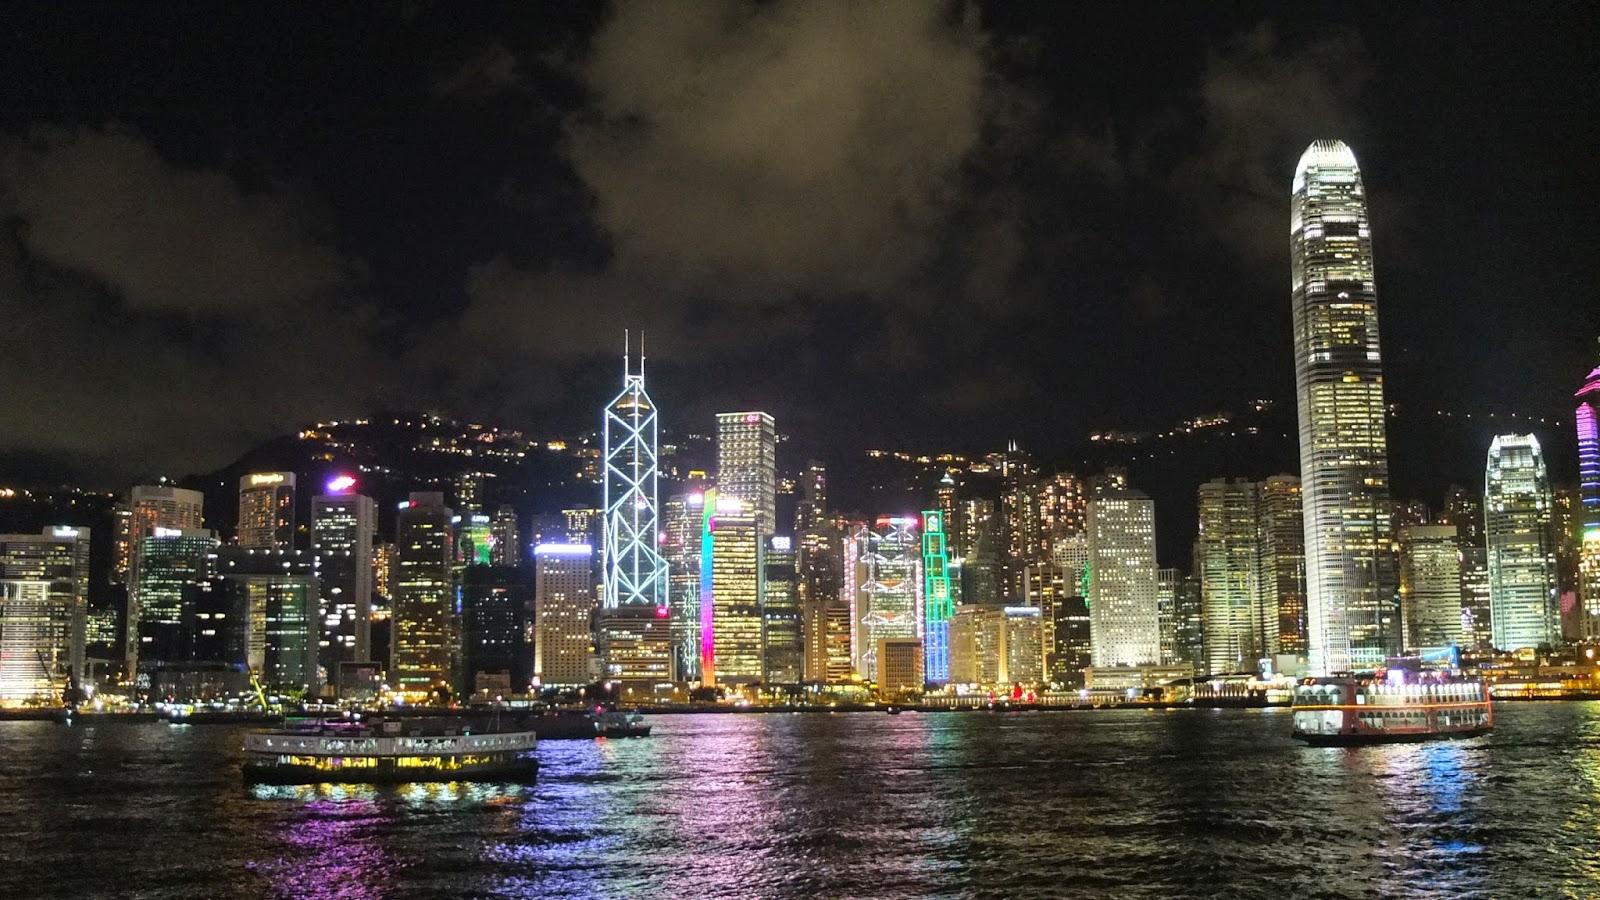 竹仔的天馬行空旅程|旅遊部落格: 維多利亞港的百萬夜景:璀璨奪目的東方之珠